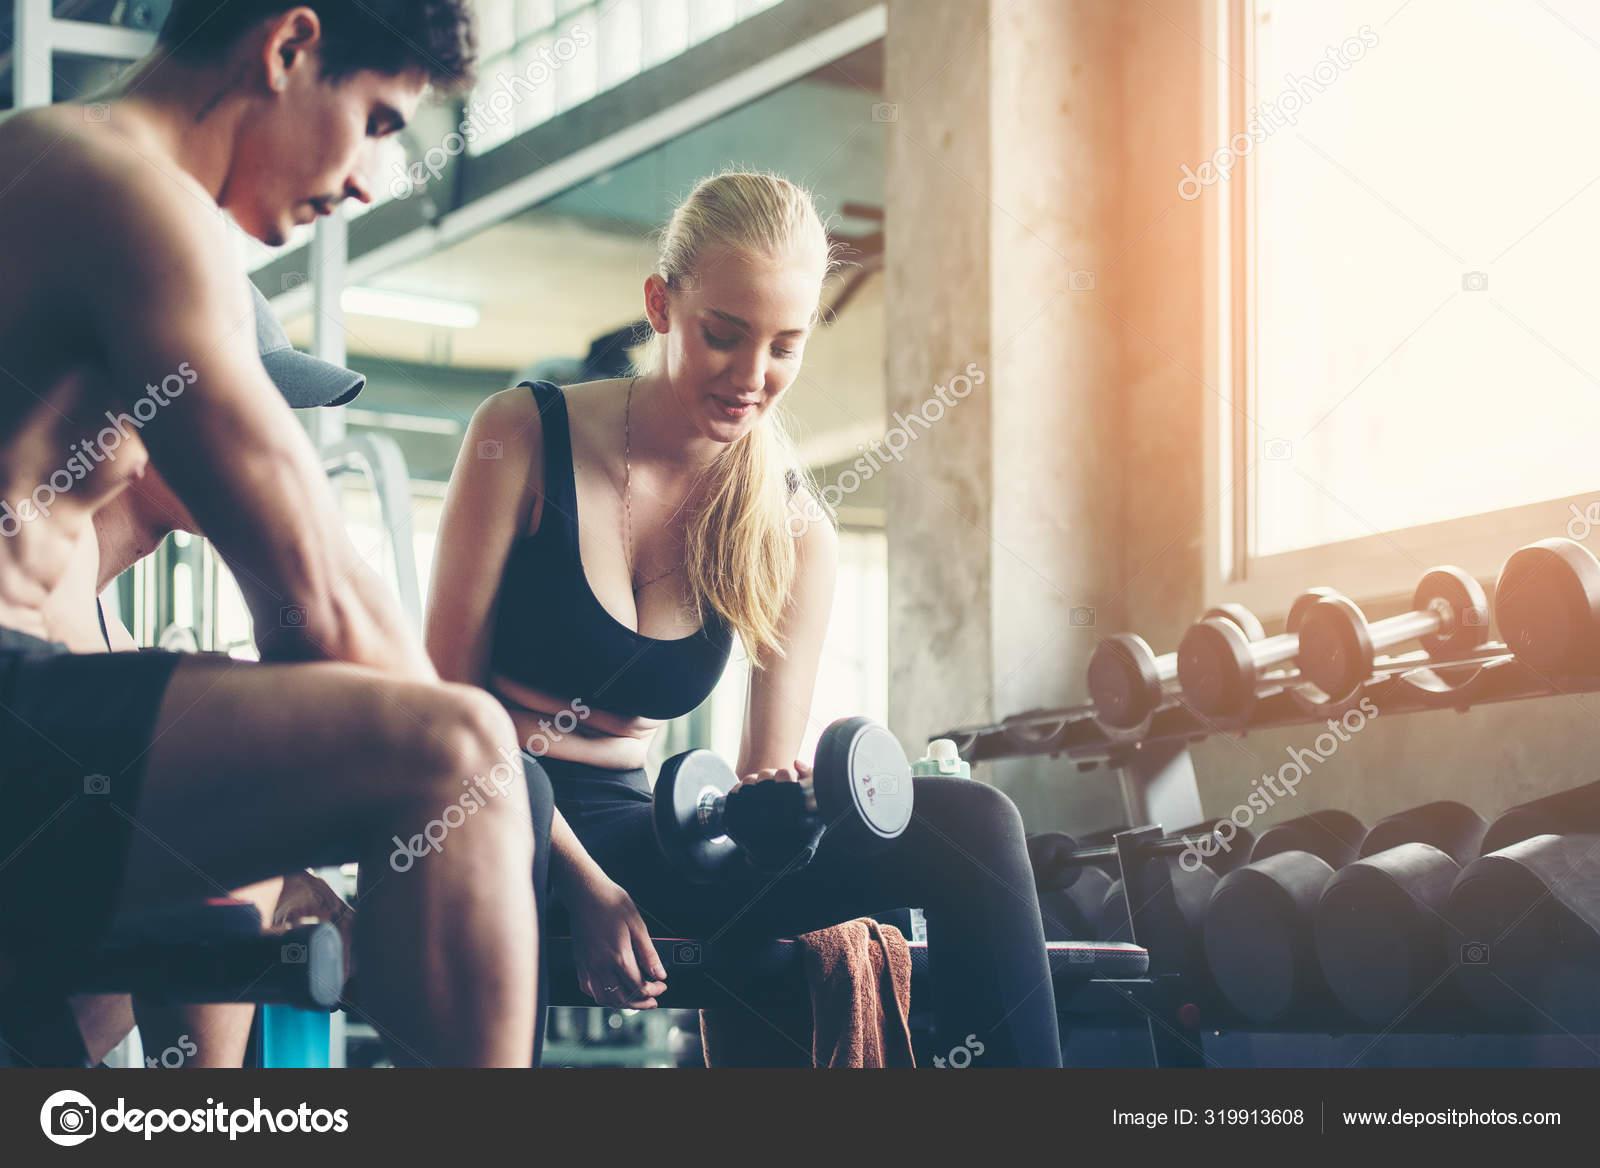 visszérgyakorlás az edzőteremben)